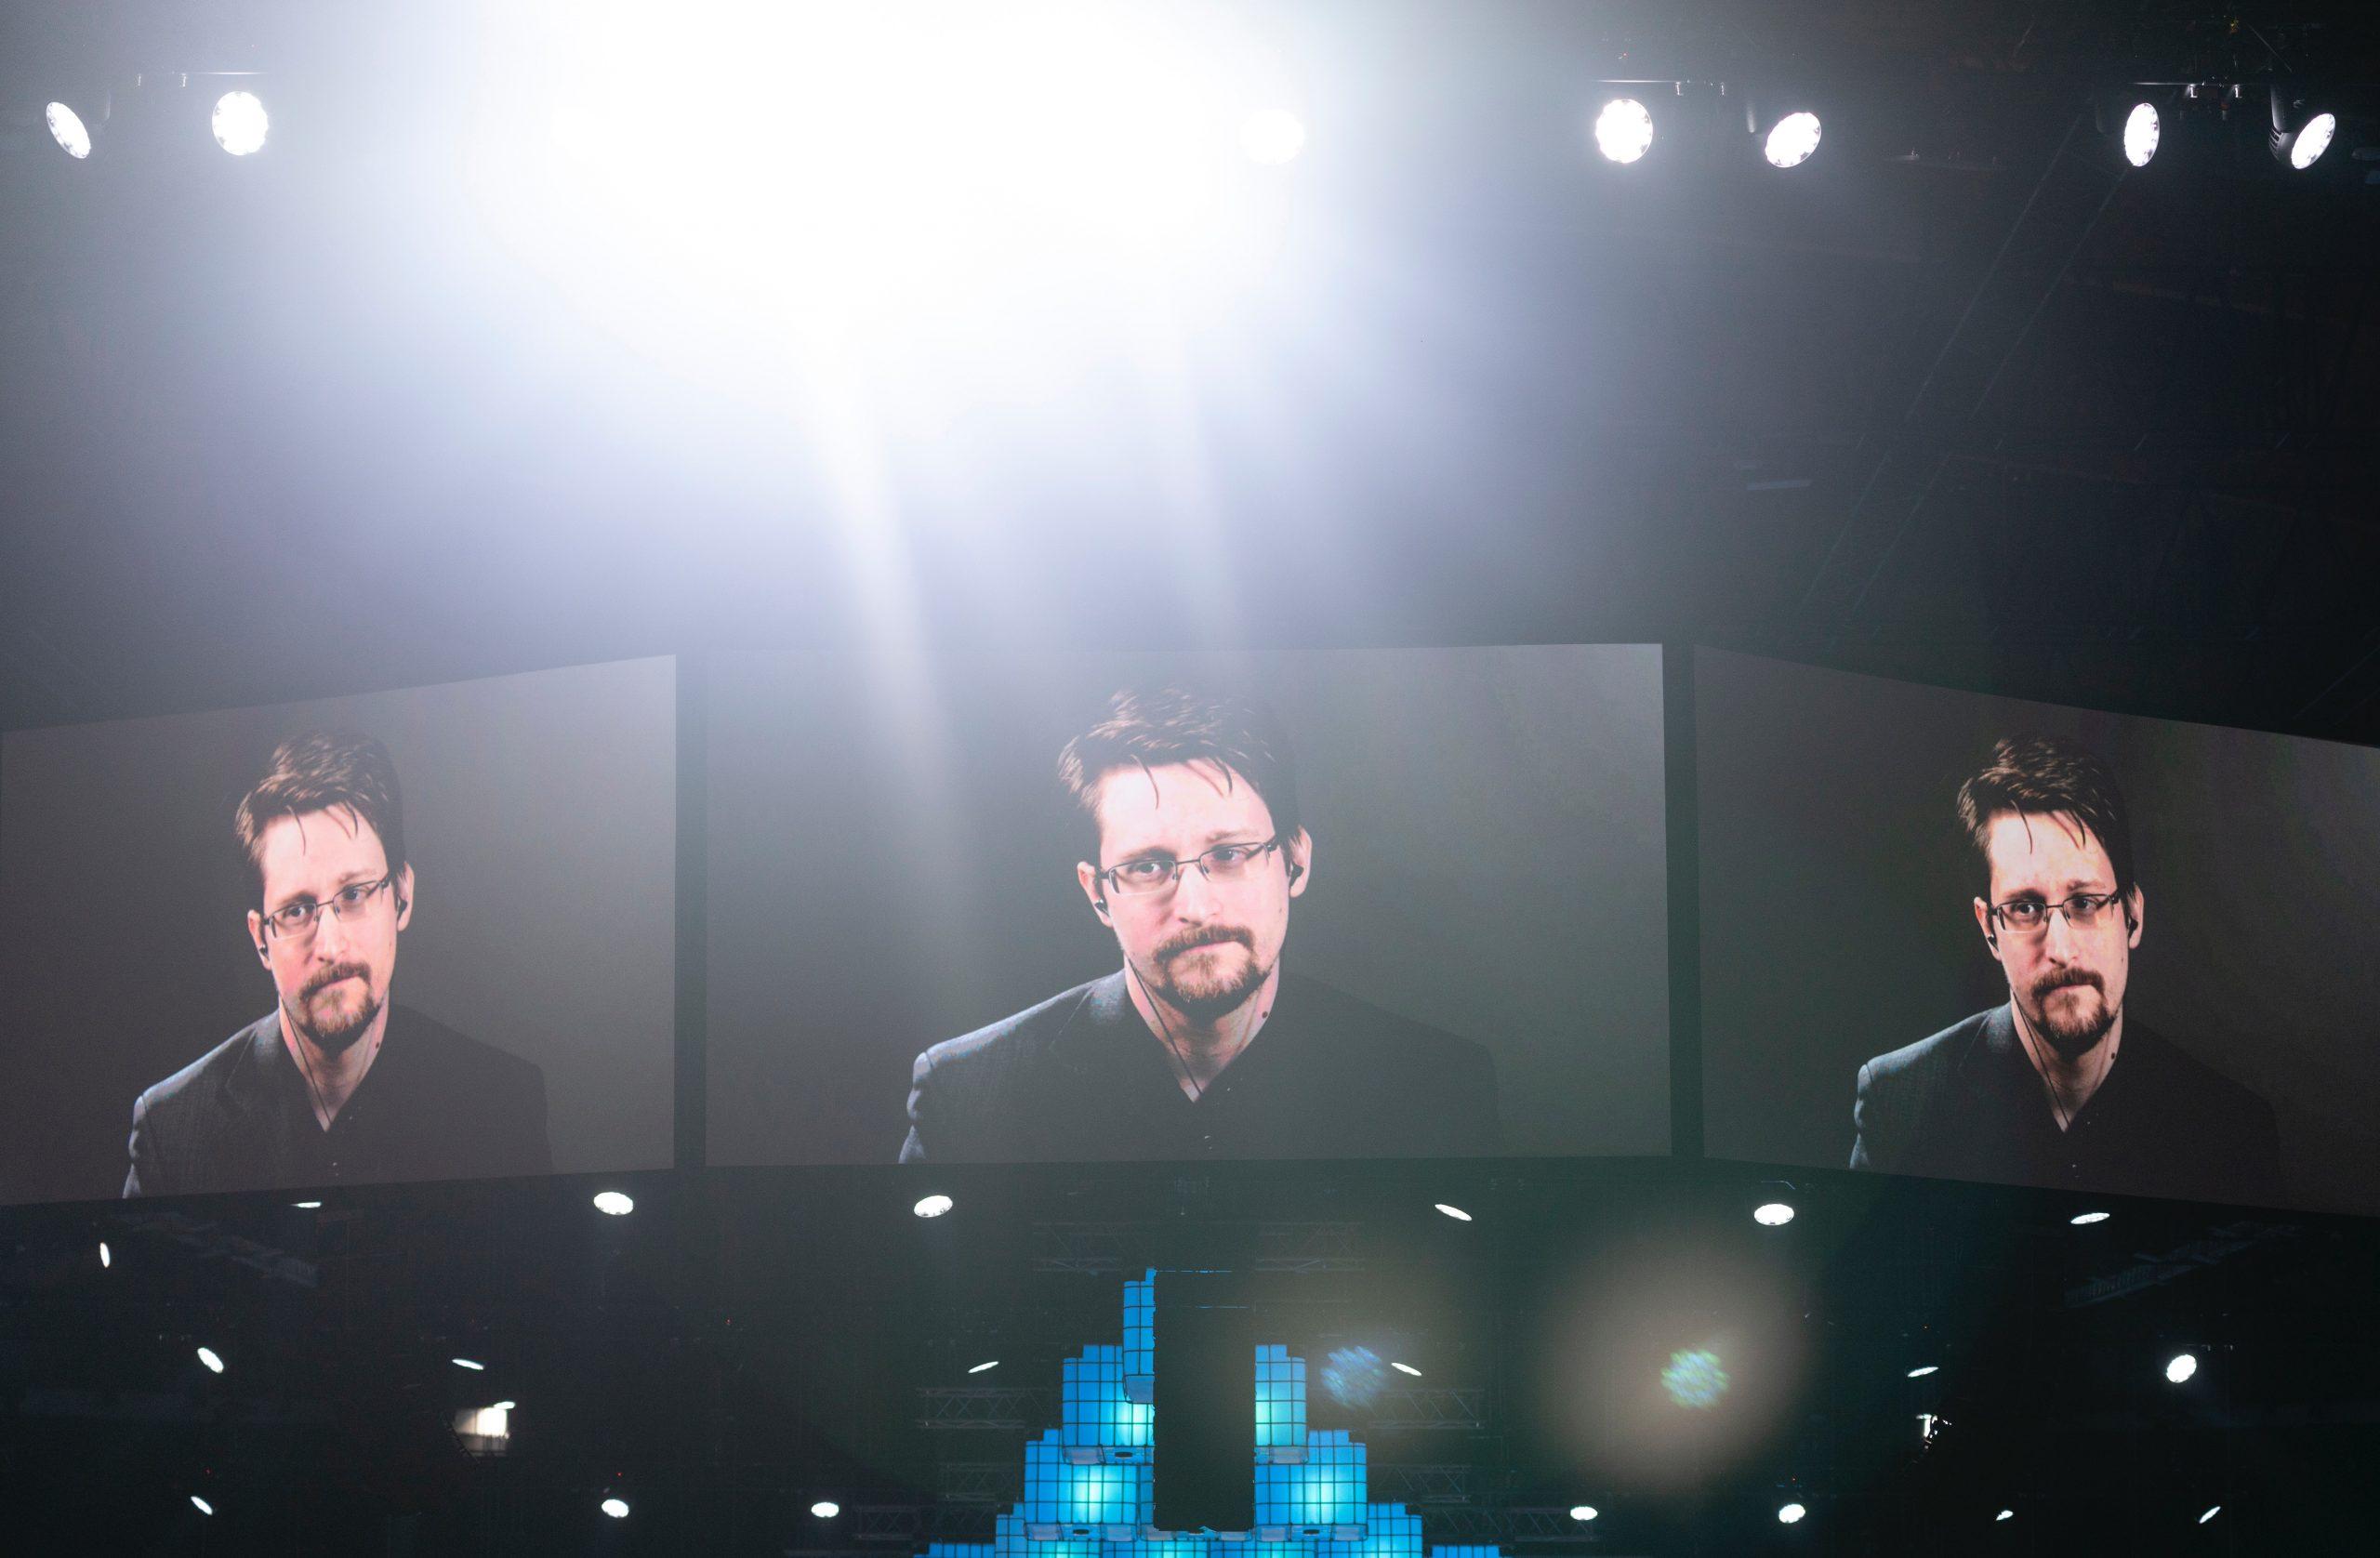 Edward Snowden: Überwachungsstaat, den wir jetzt schaffen, wird Corona überstehen